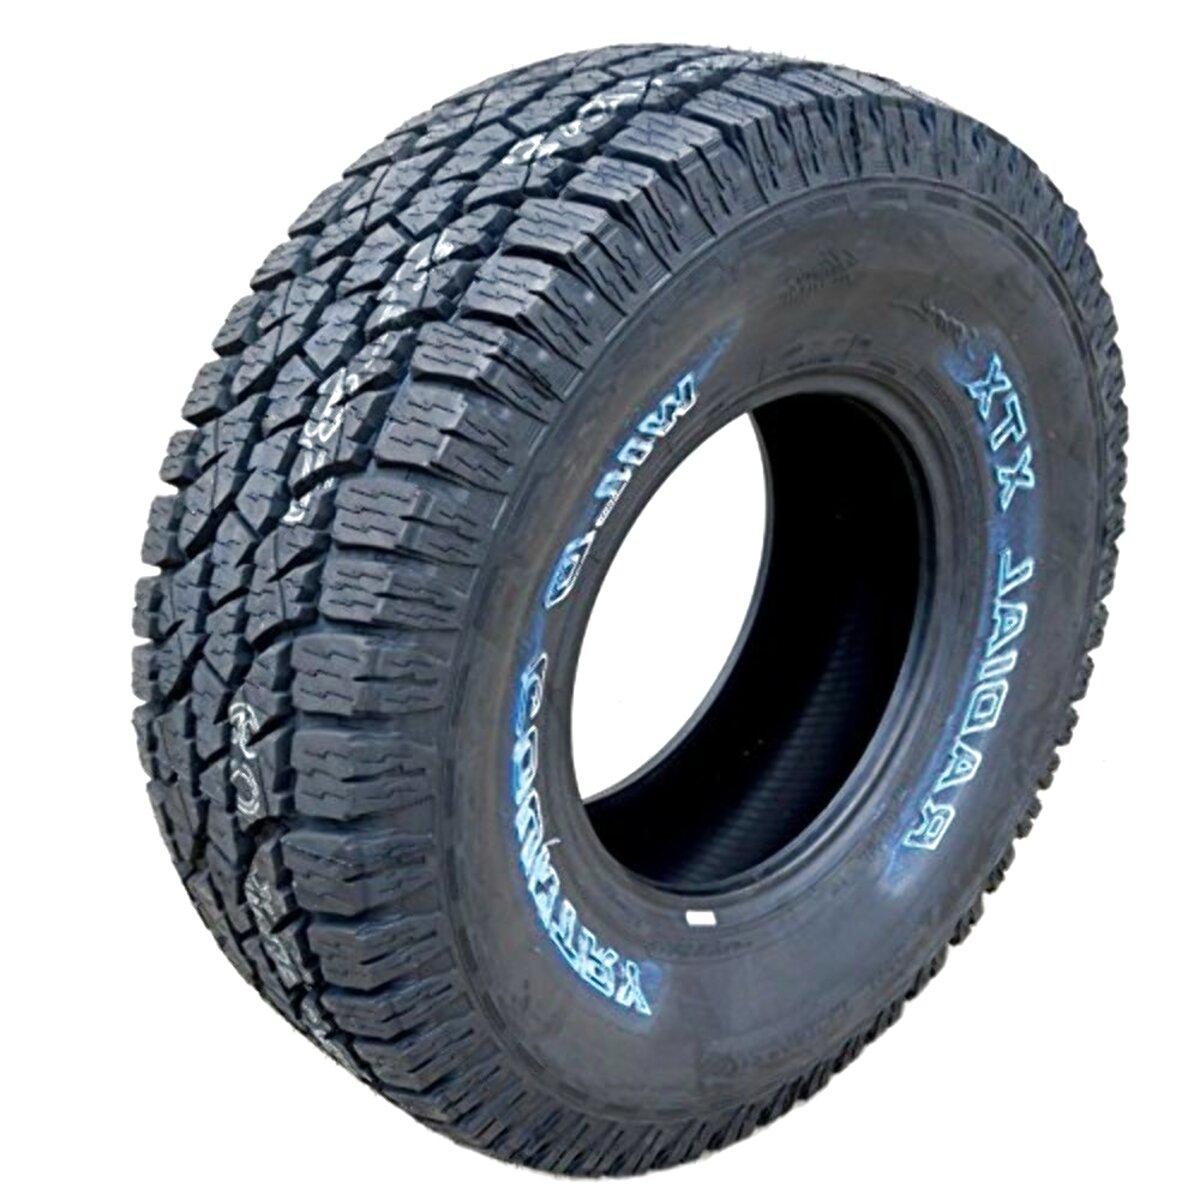 Kawin Catene da Neve OMOLOGATE 265 75 16 V5117 16mm 265//75-16 R16 SUV 4x4